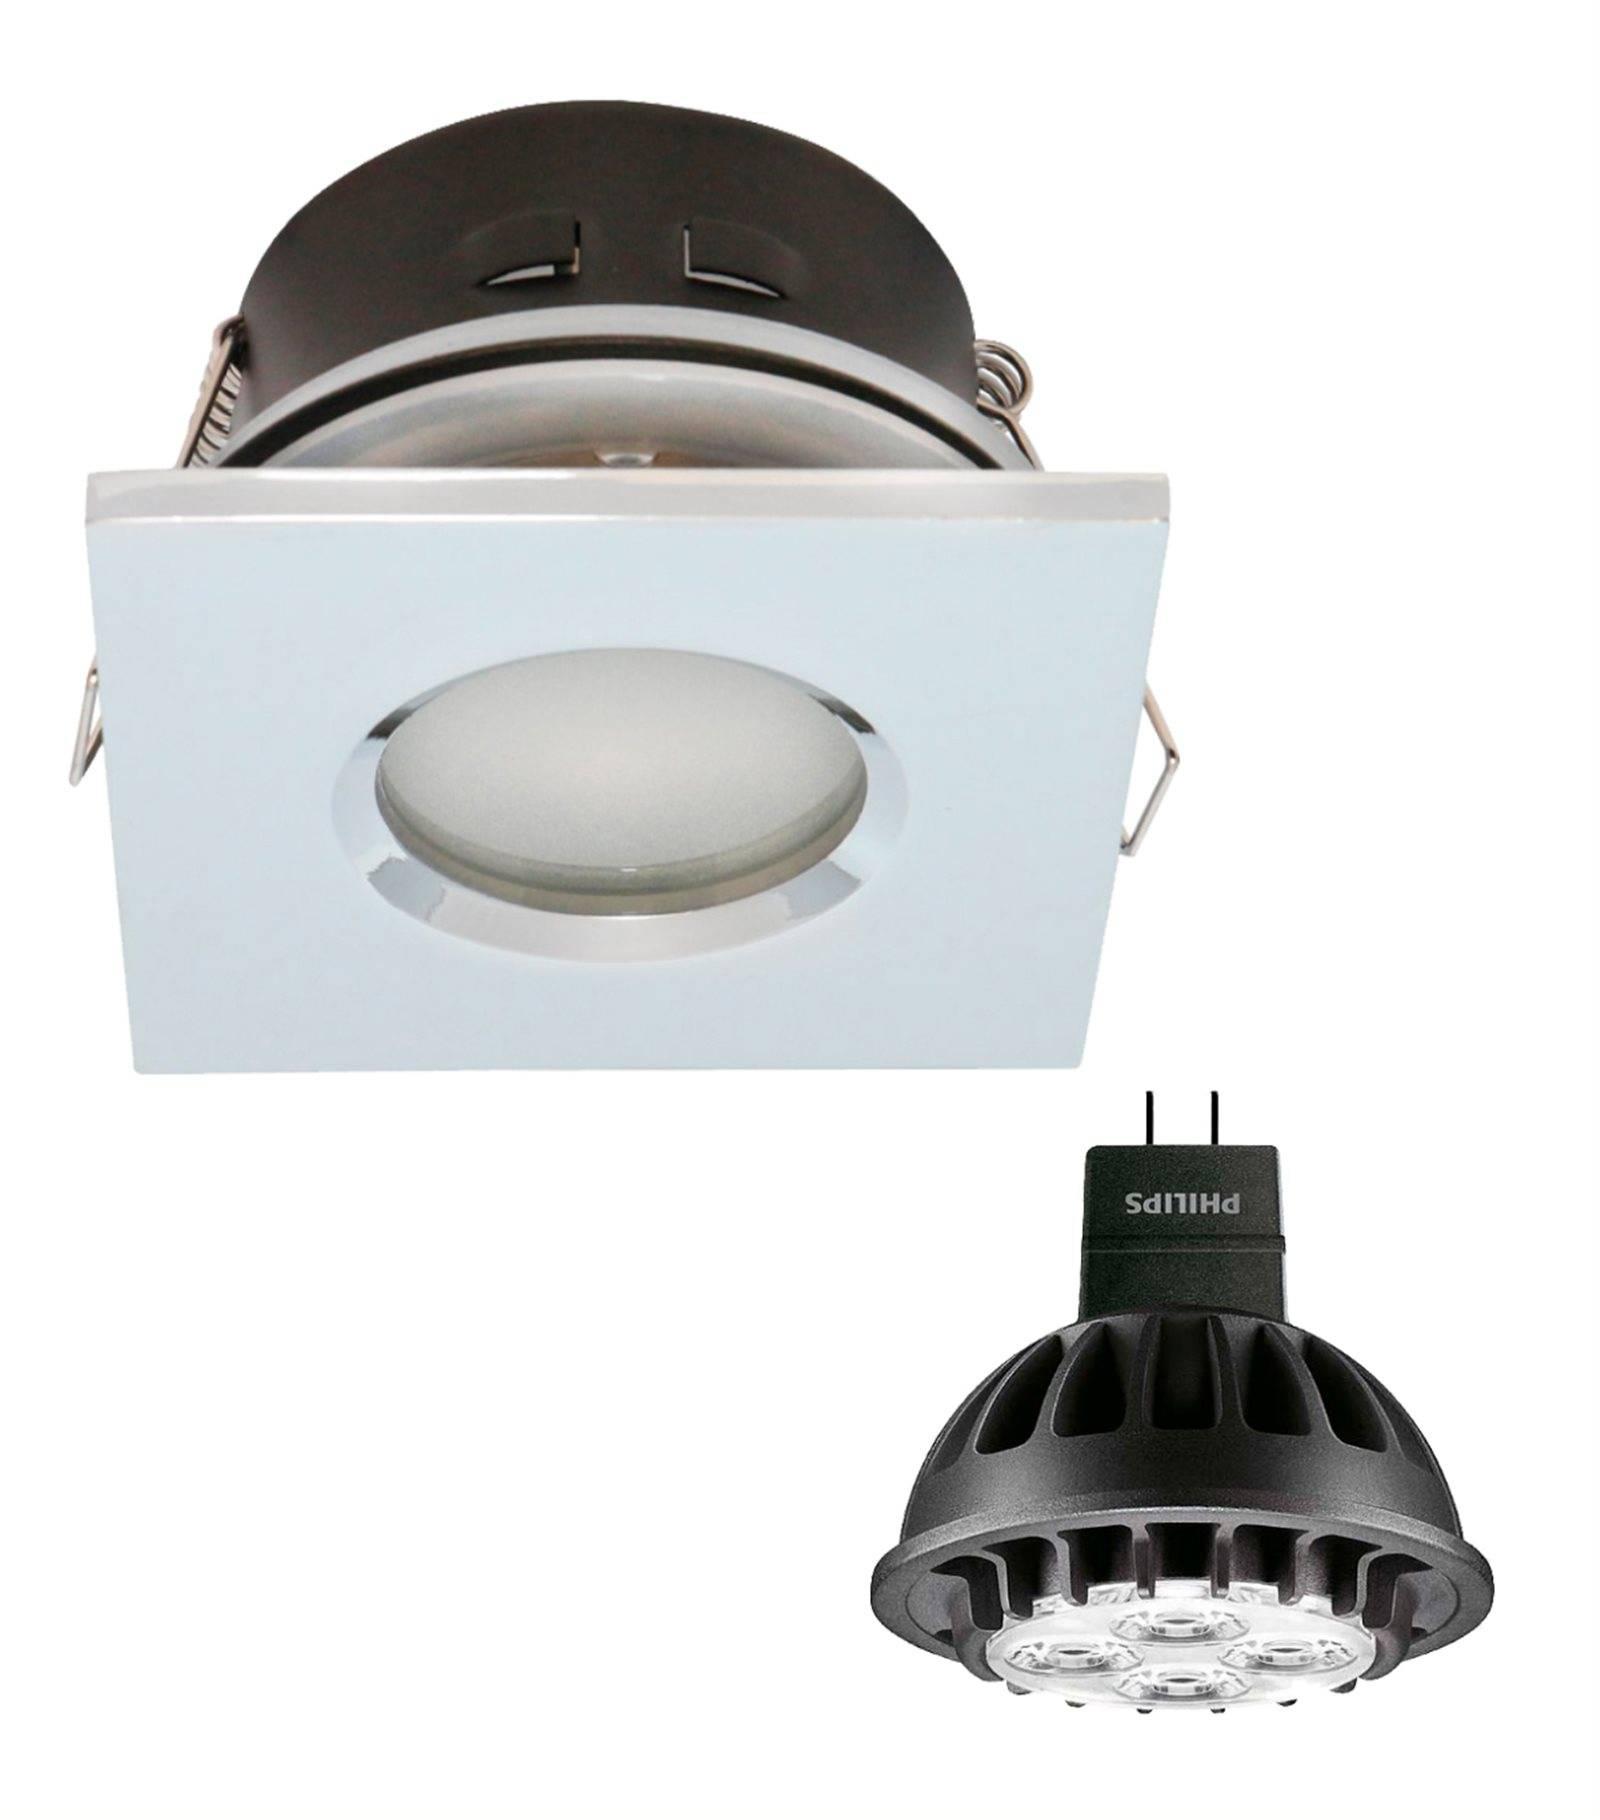 pack spot encastrable salle de bain nickel satin carr gu5 3 mr16 ip44 7w blanc neutre ampoule. Black Bedroom Furniture Sets. Home Design Ideas